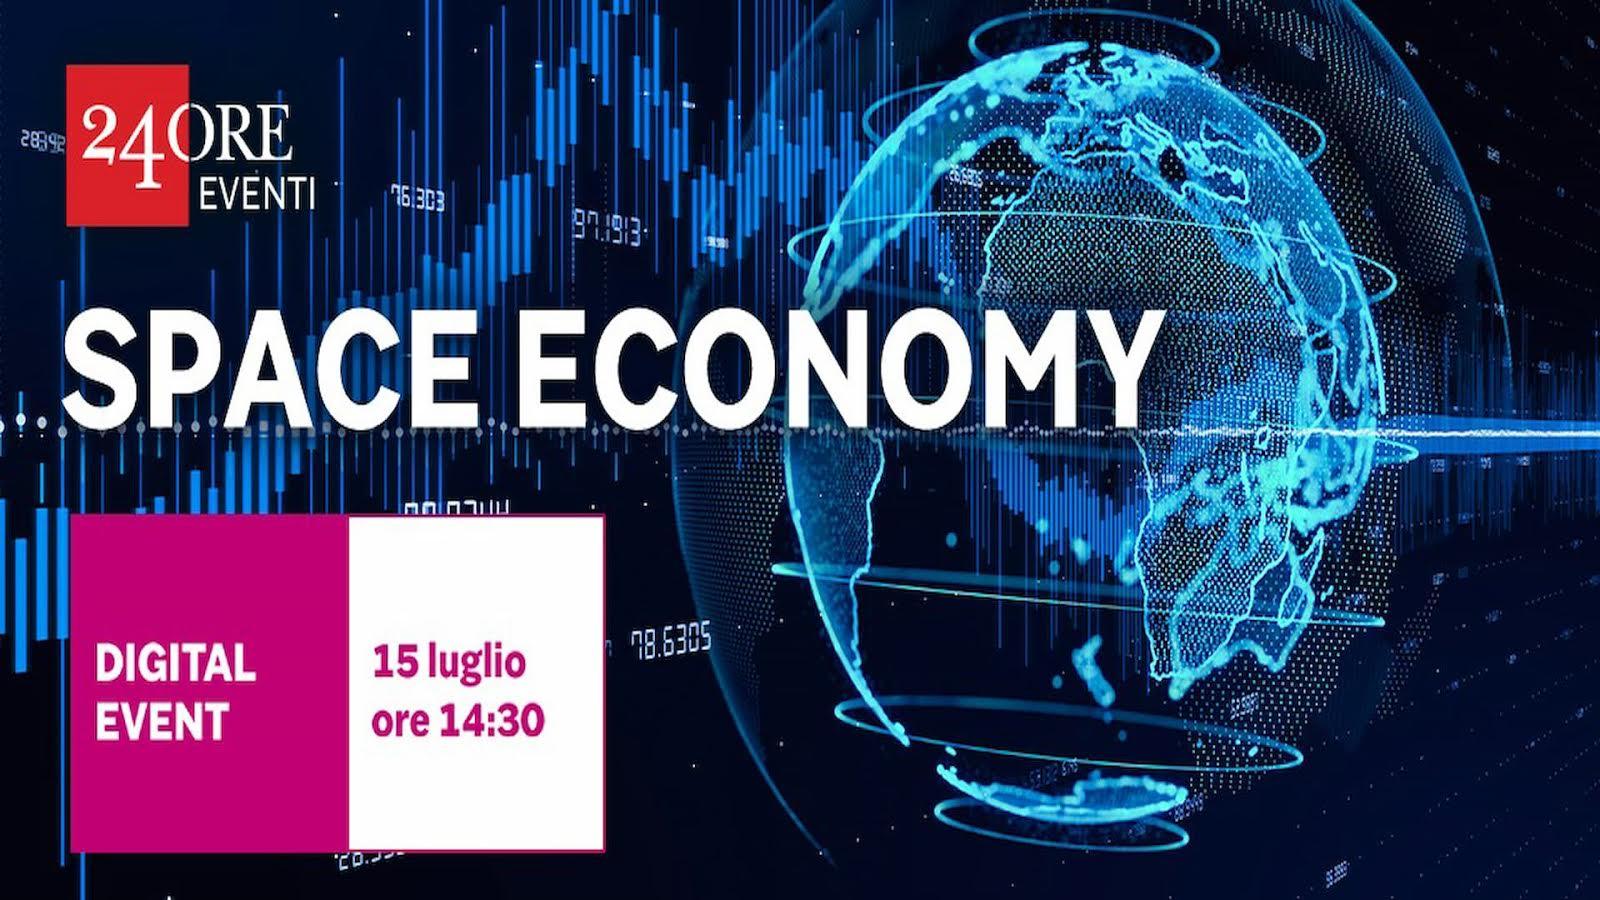 ASI - Space Economy, tecnologie e servizi dell'industria aerospaziale del futuro